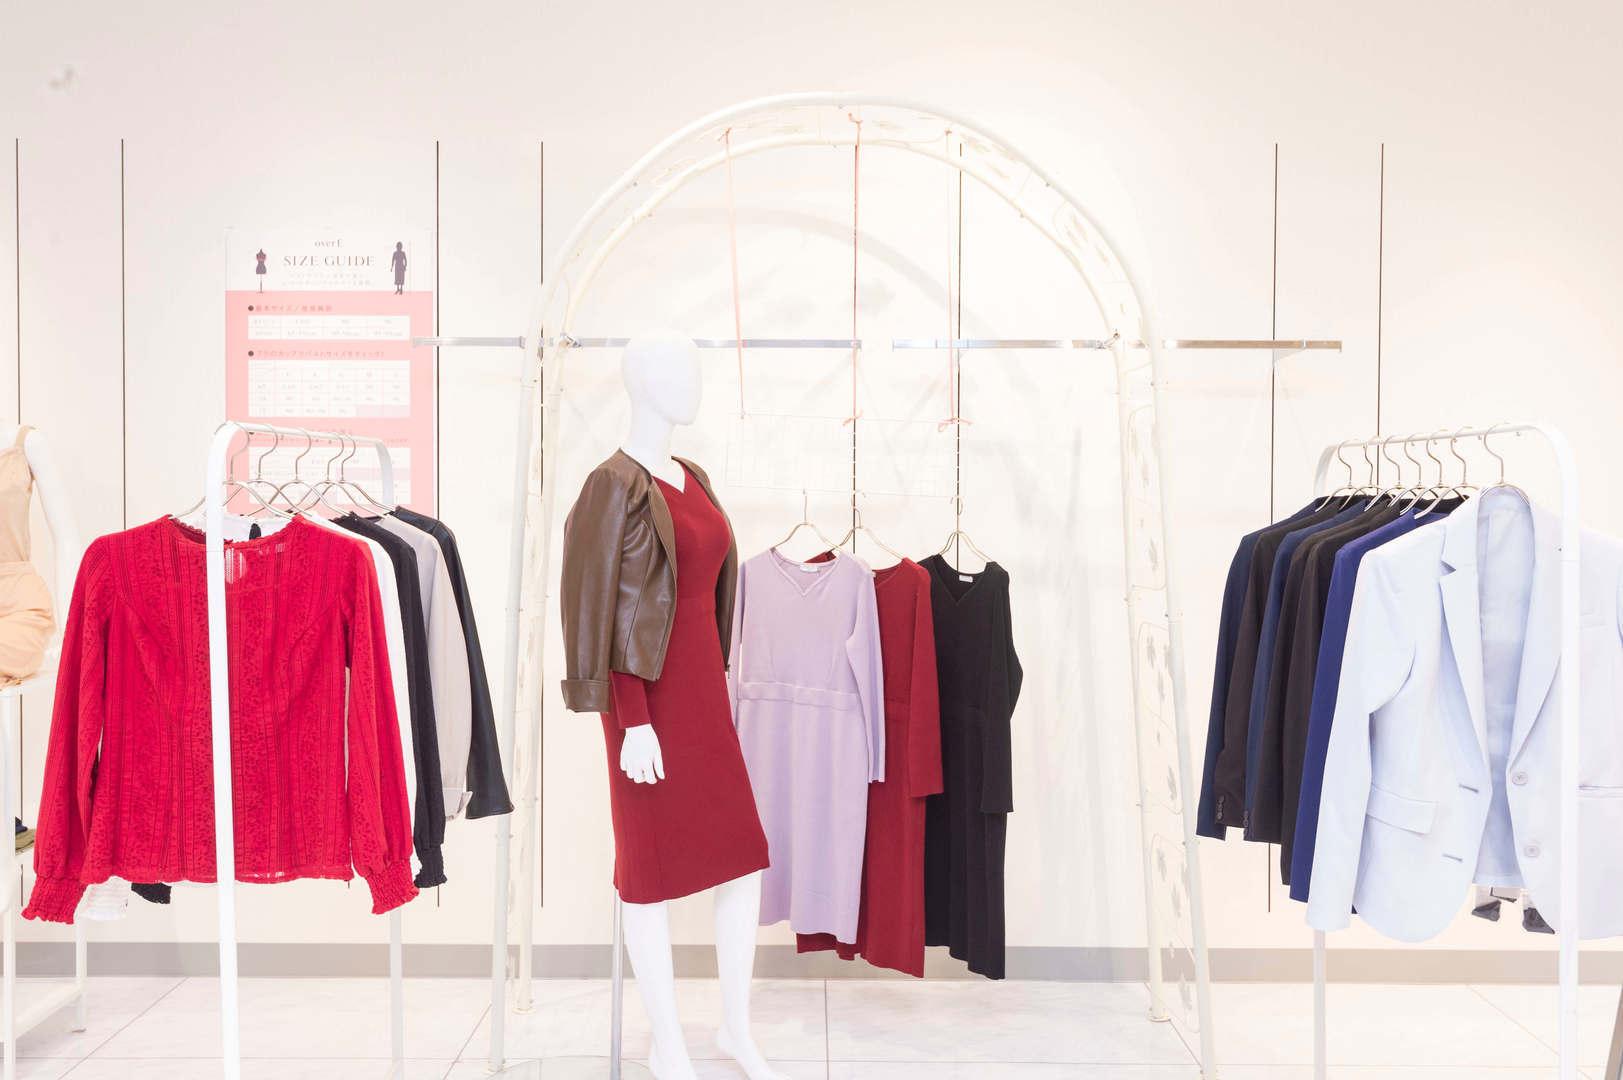 MDアシスタント|ファッションブランドのMDにステップアップするチャンス!のカバー写真